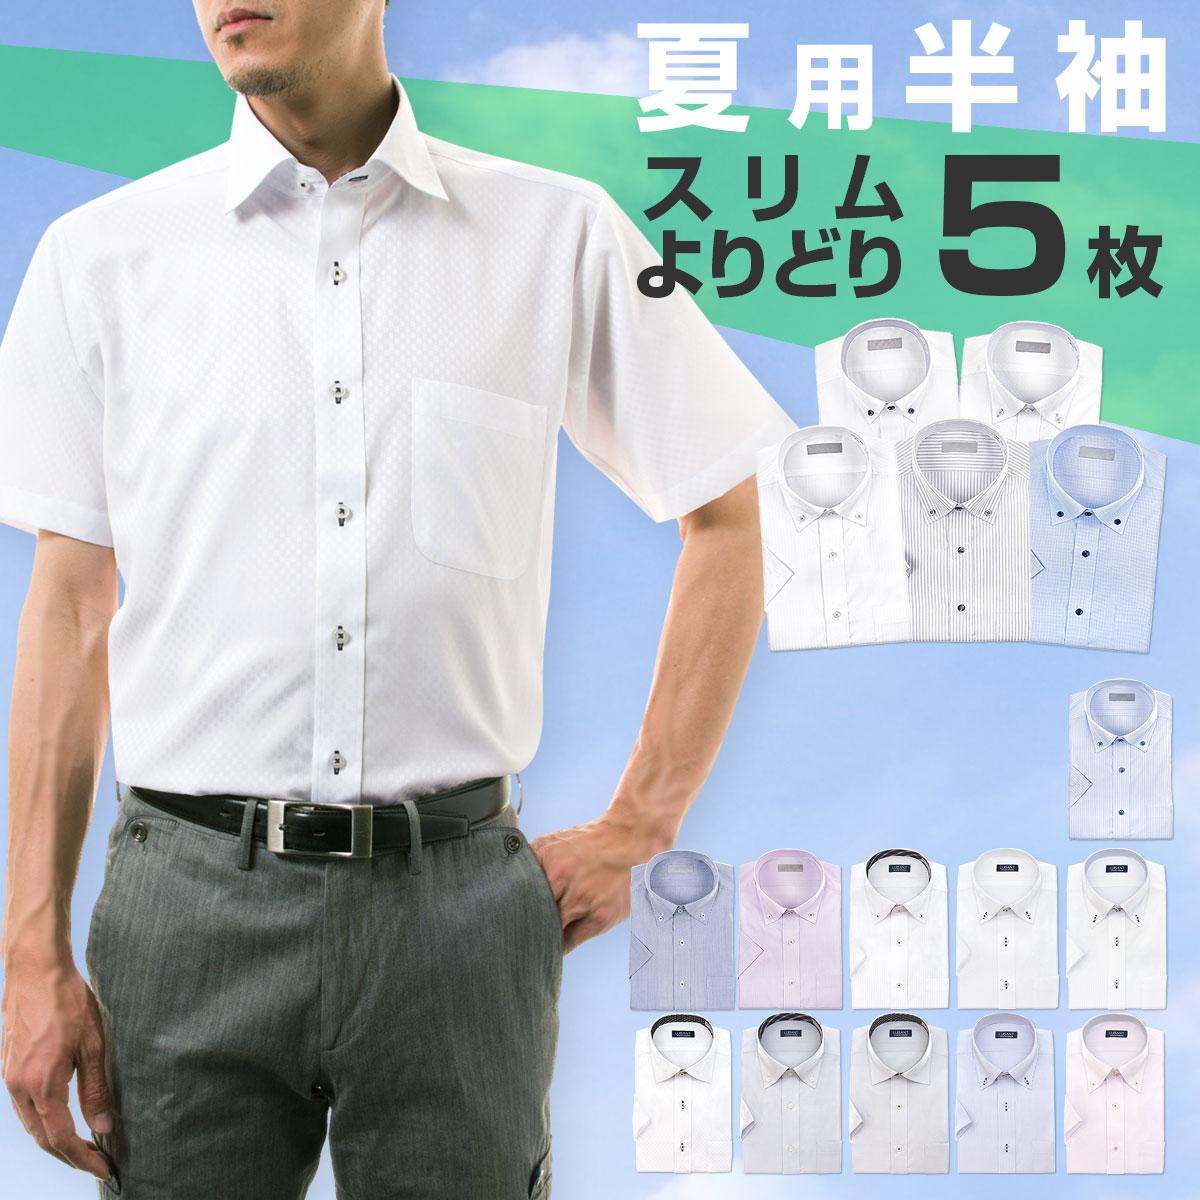 ラッピング不可 半袖ワイシャツ yシャツ カッターシャツ ドレスシャツ ビジネスシャツ 男性 白 青 S M L LL 新作通販 形態安定シャツ ボタンダウン 気質アップ Yシャツ セット 送料無料 1枚あたり999円 半袖 ワイシャツ スリム ビジネス クールビス 2106ft review 細身 メンズ 10par よりどり半袖5枚 よりどり5枚セット 形態安定